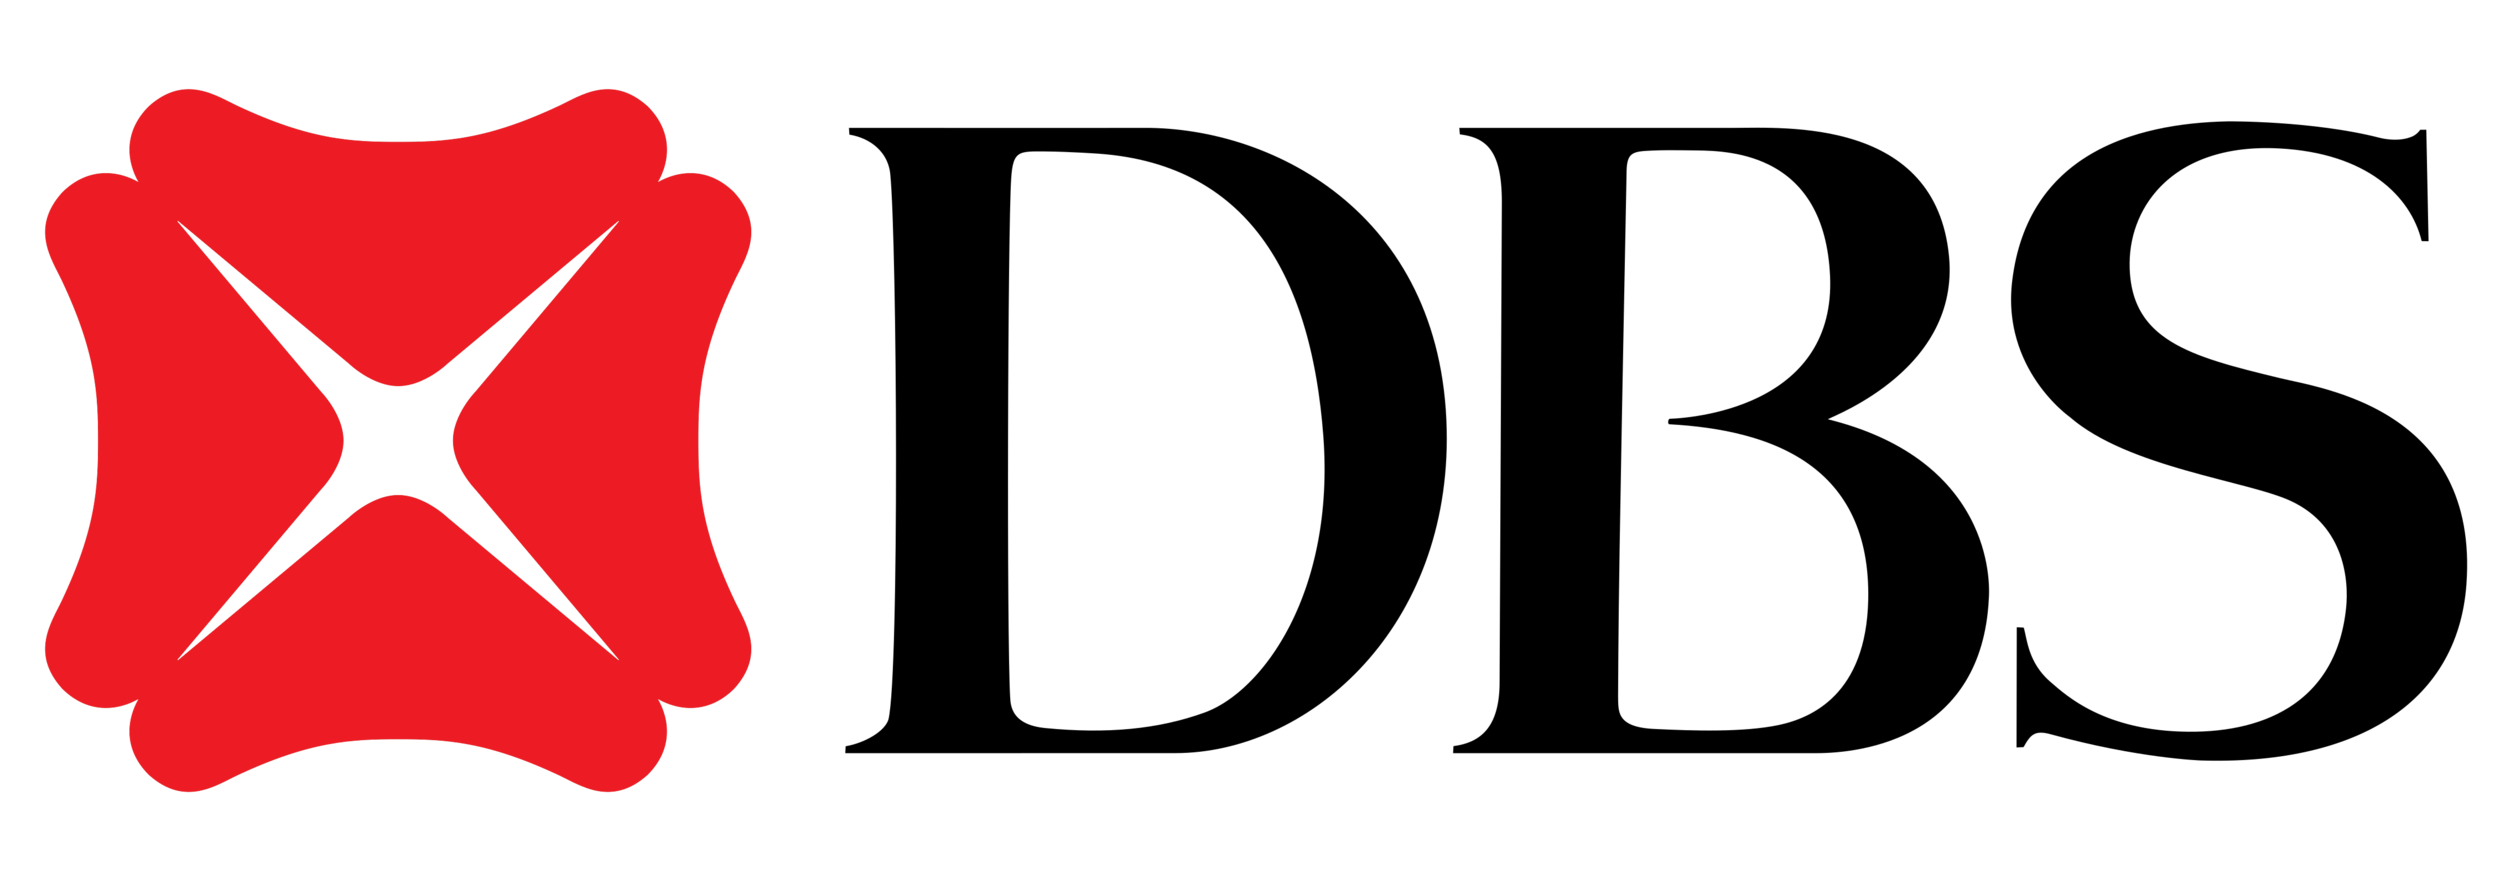 logo-dbs-png-dbs-bank-logo-logotype-4519.png